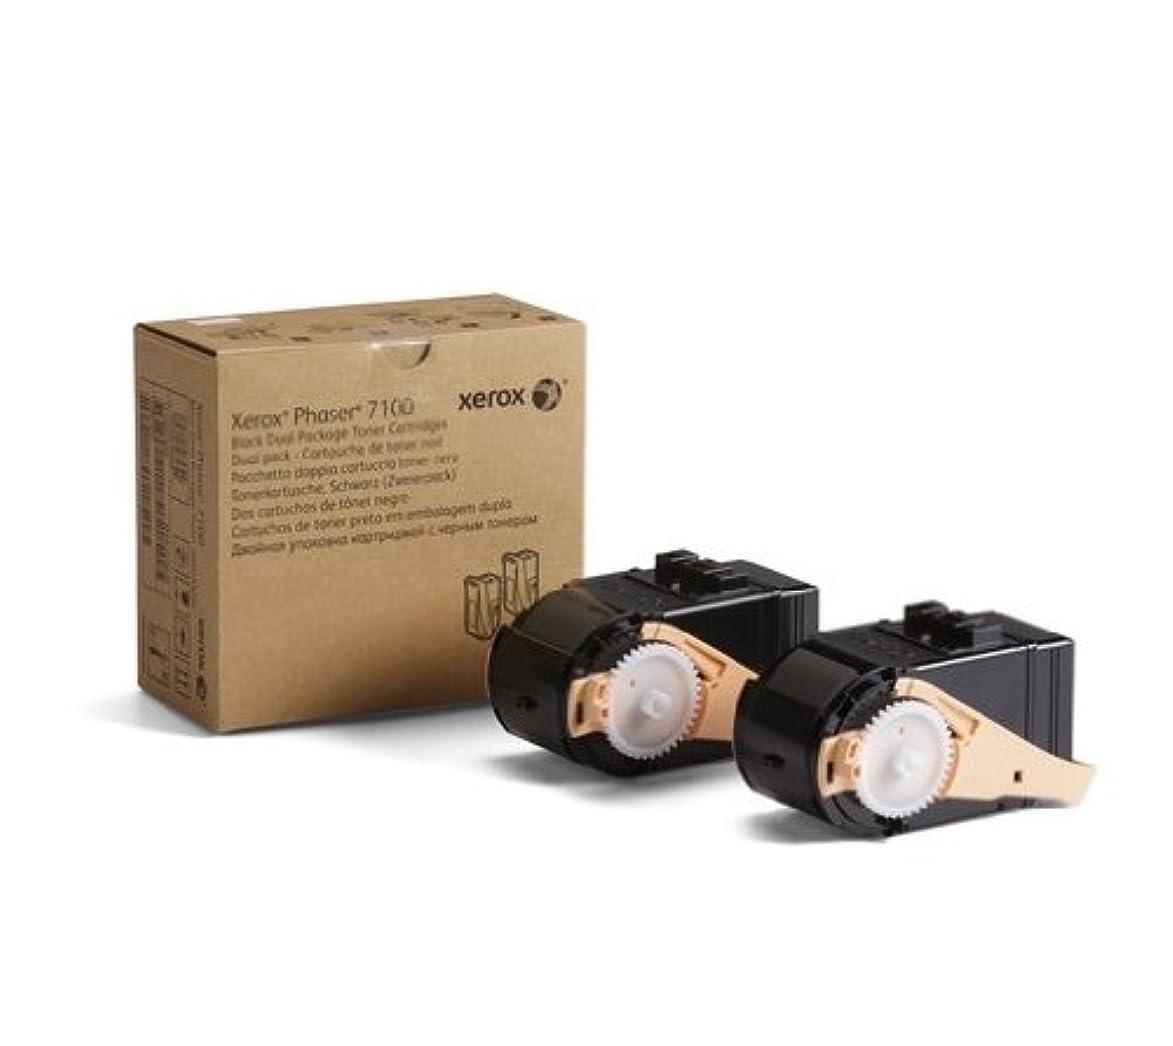 Genuine Xerox Black Toner for the Phaser 7100, 2-Pack, 106R02605